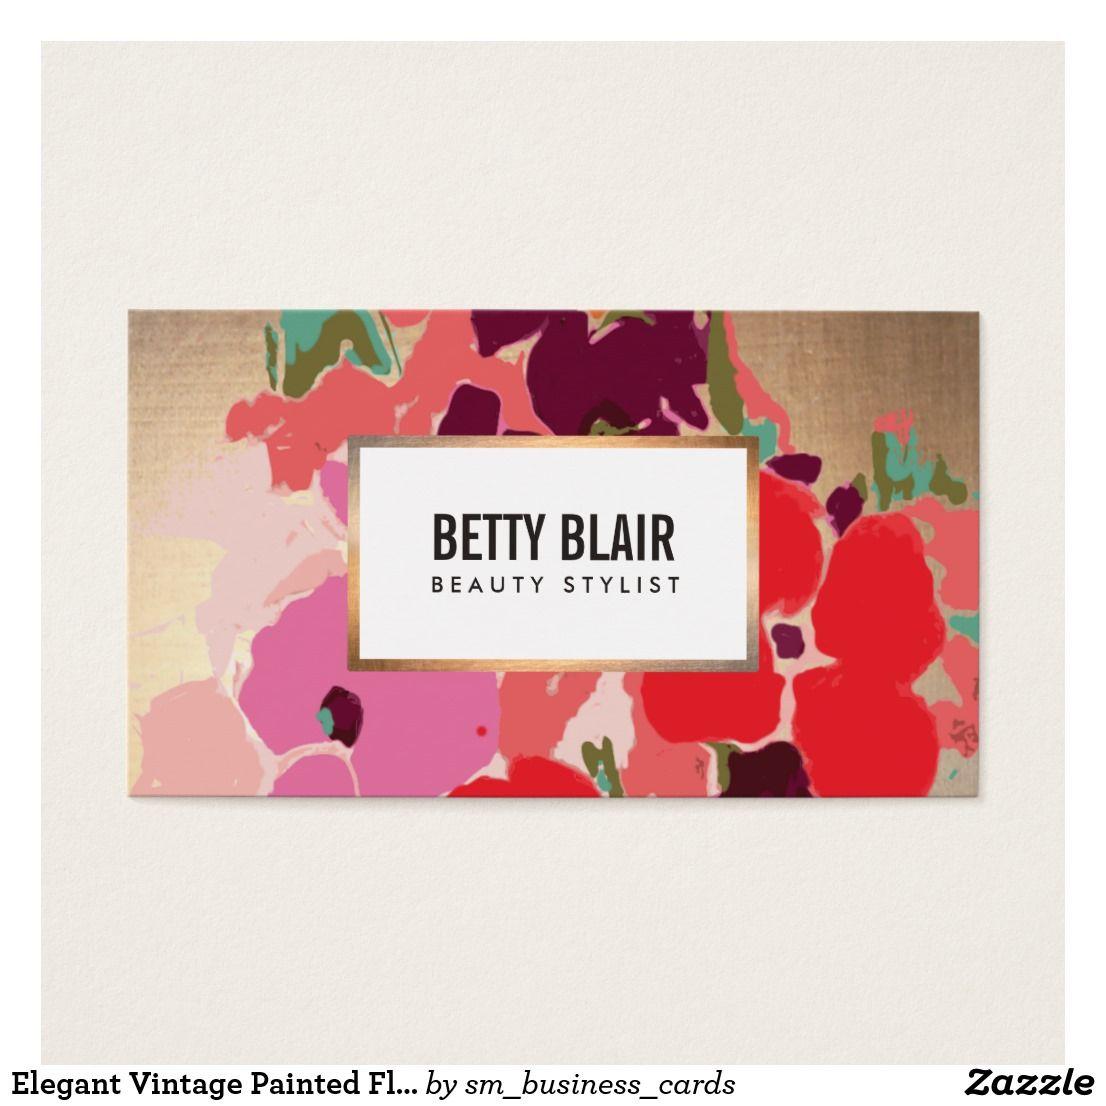 Elegant Vintage Painted Floral Art Designer Business Card Art